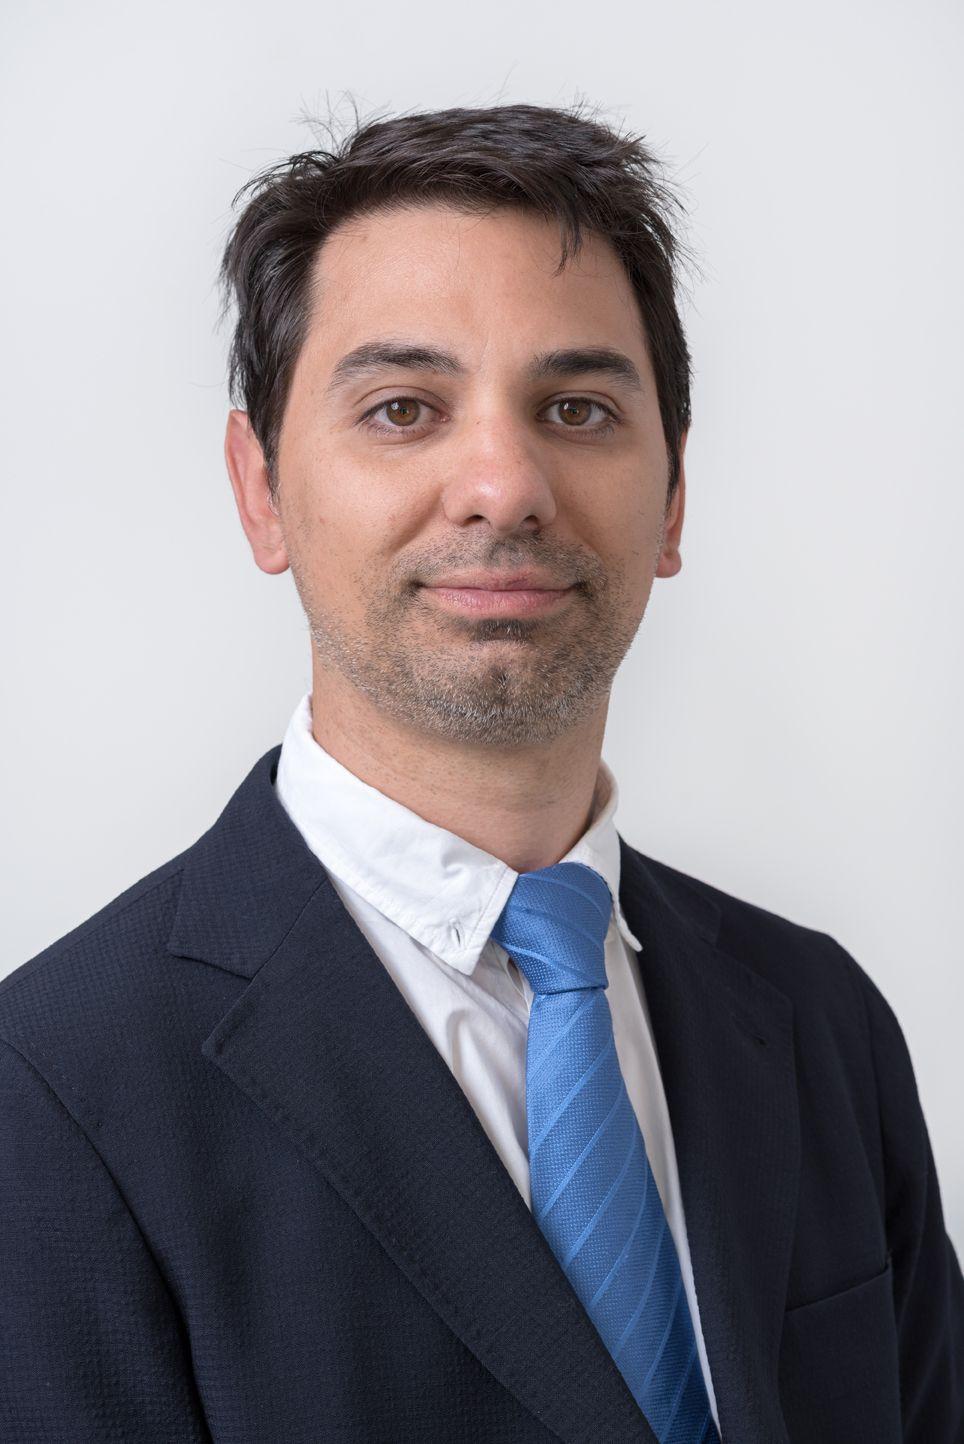 Carlos Canseco